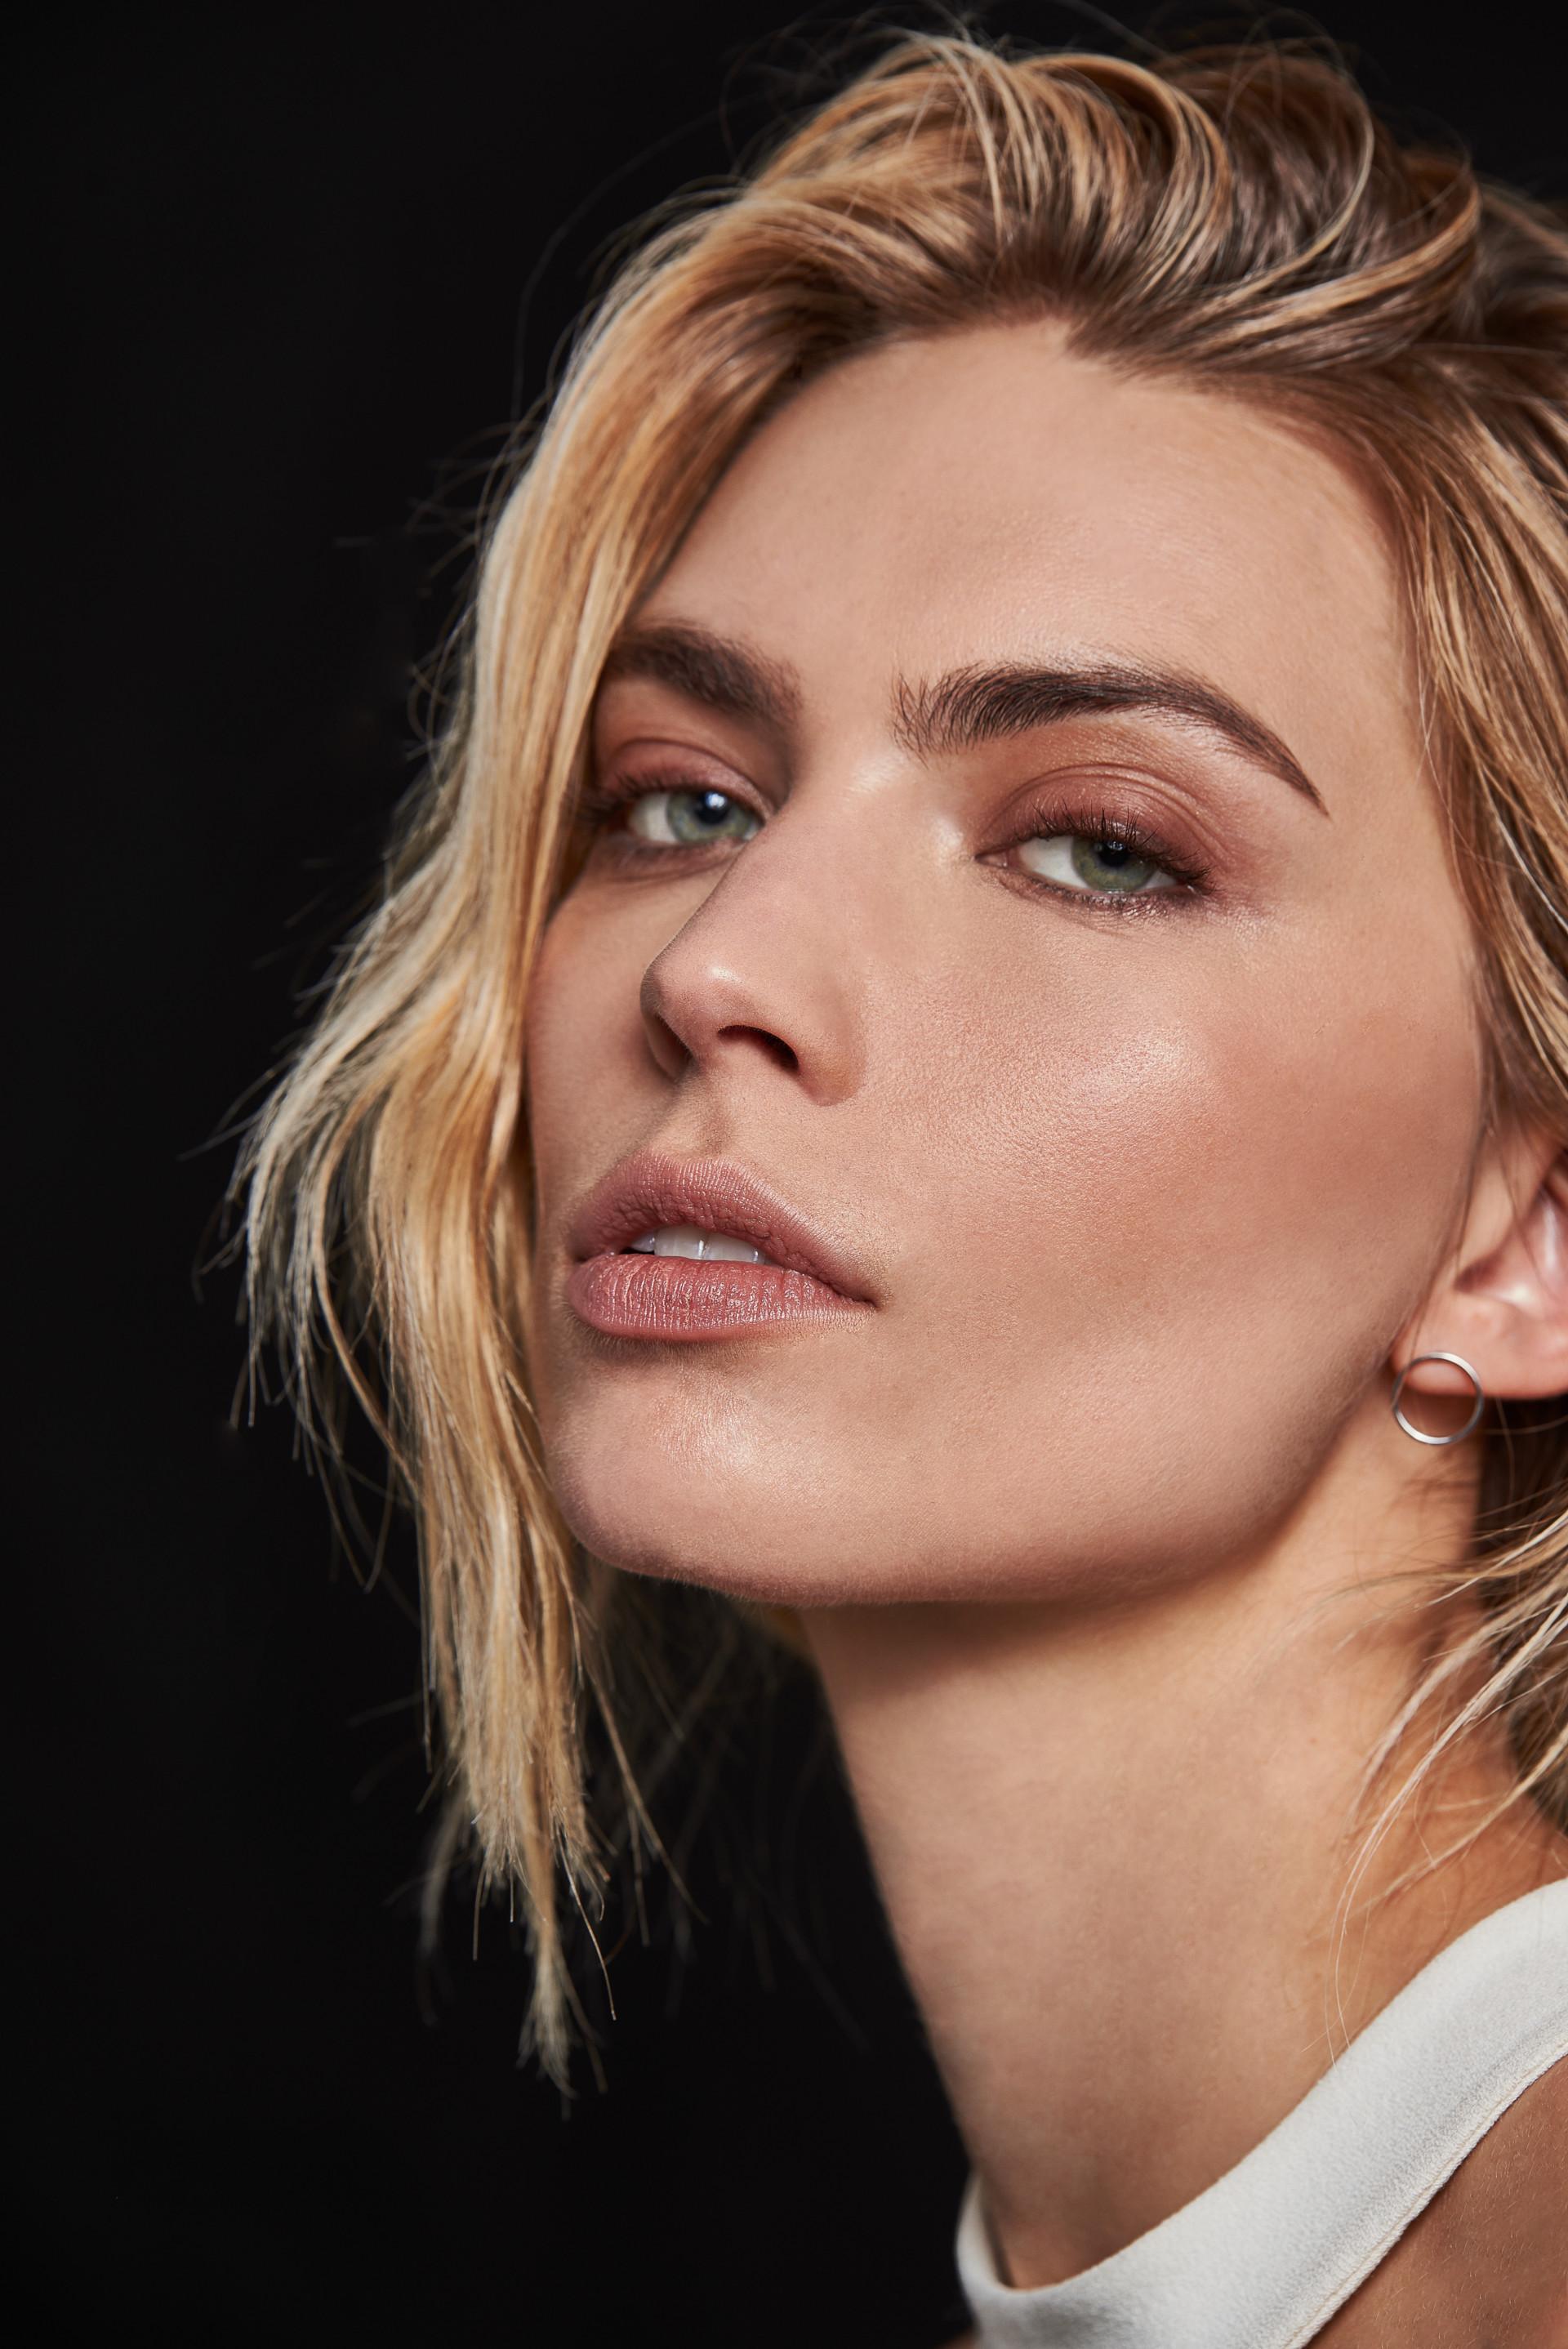 WOLEJKO-WOLEJSZO Emily Senko from Iconic Models